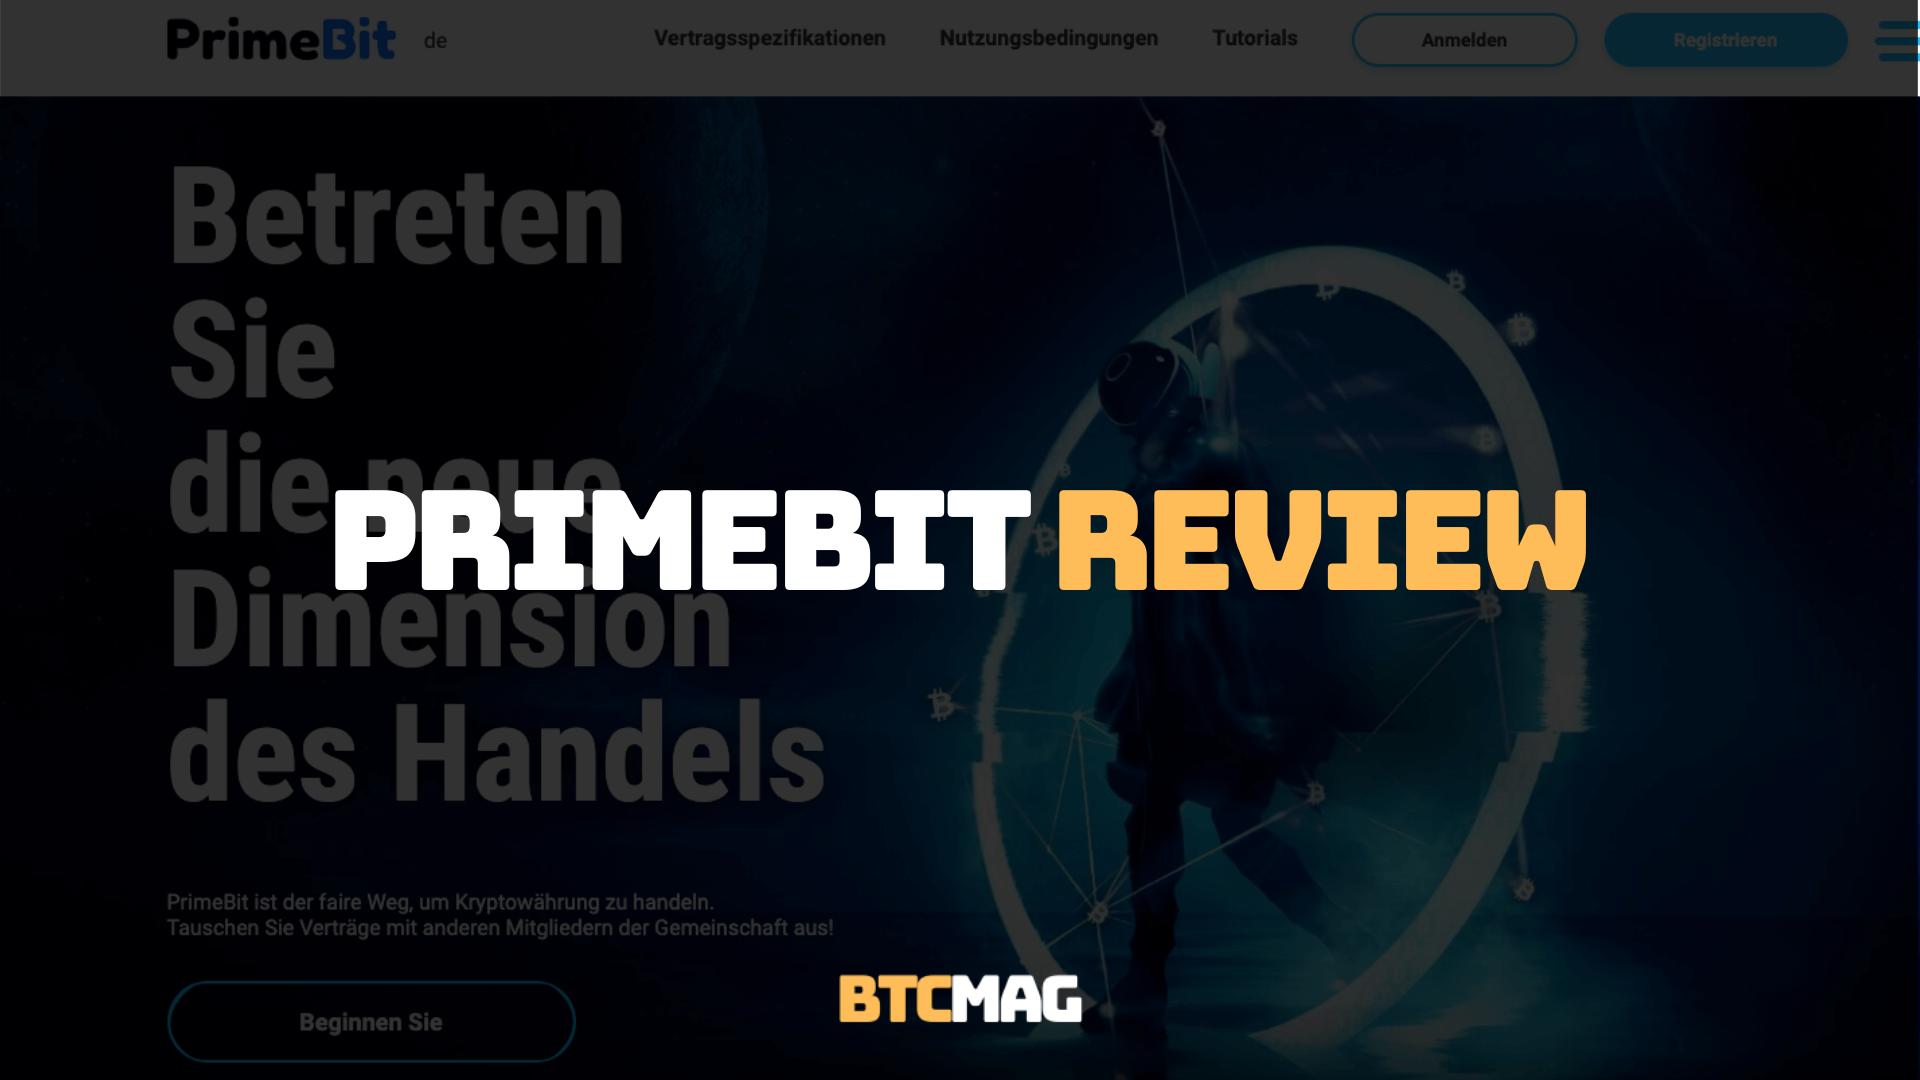 PrimeBit Review